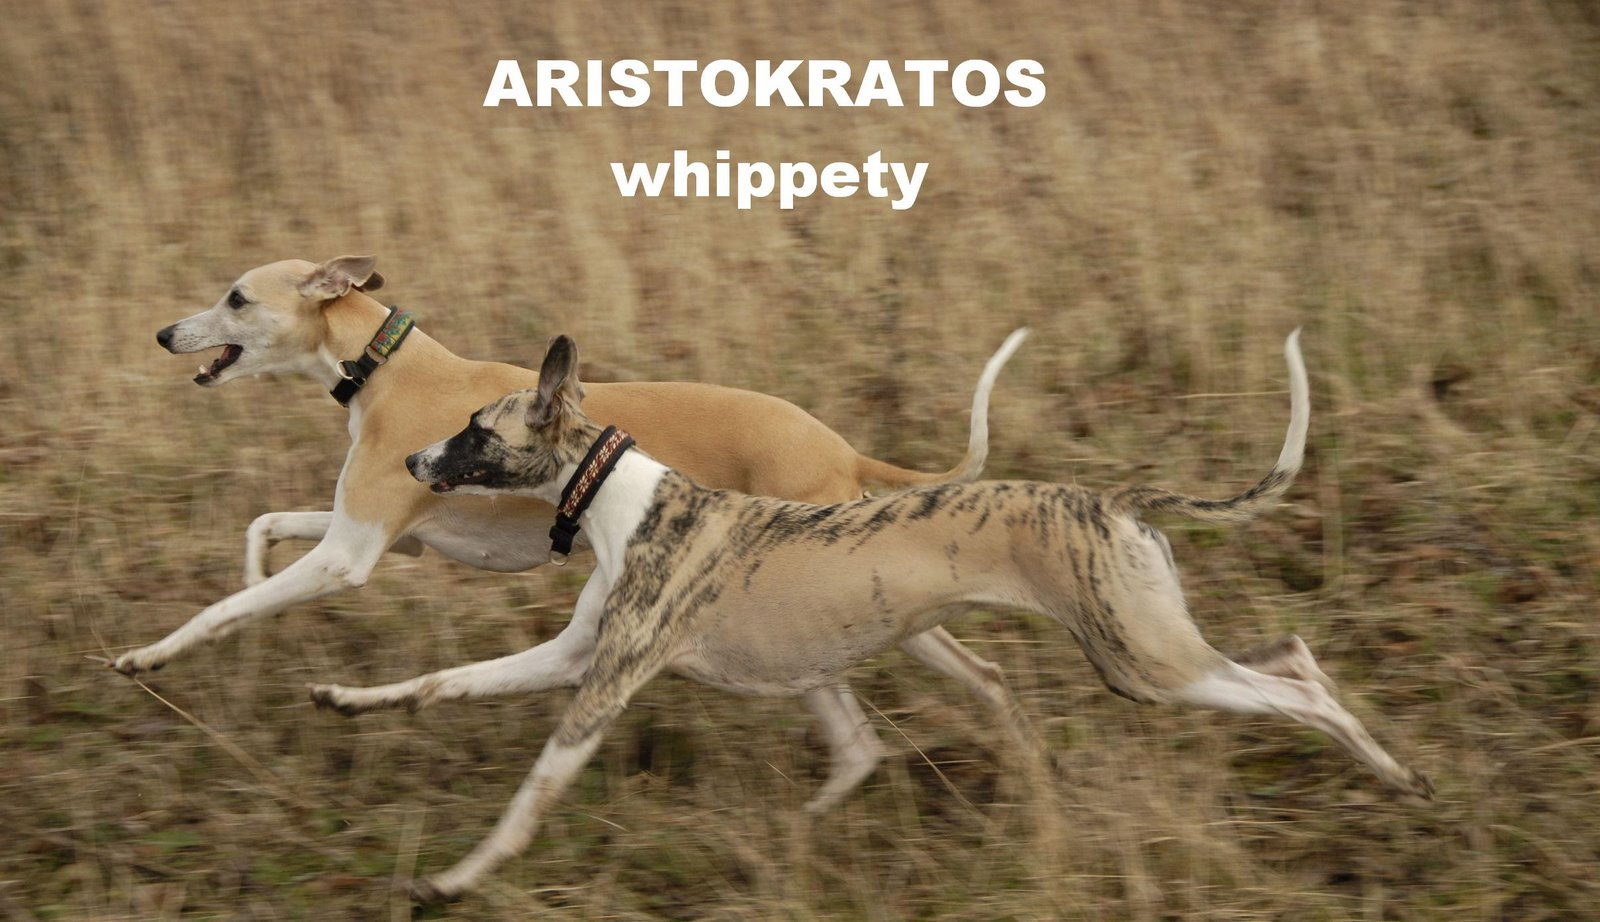 Whippety Aristokratos